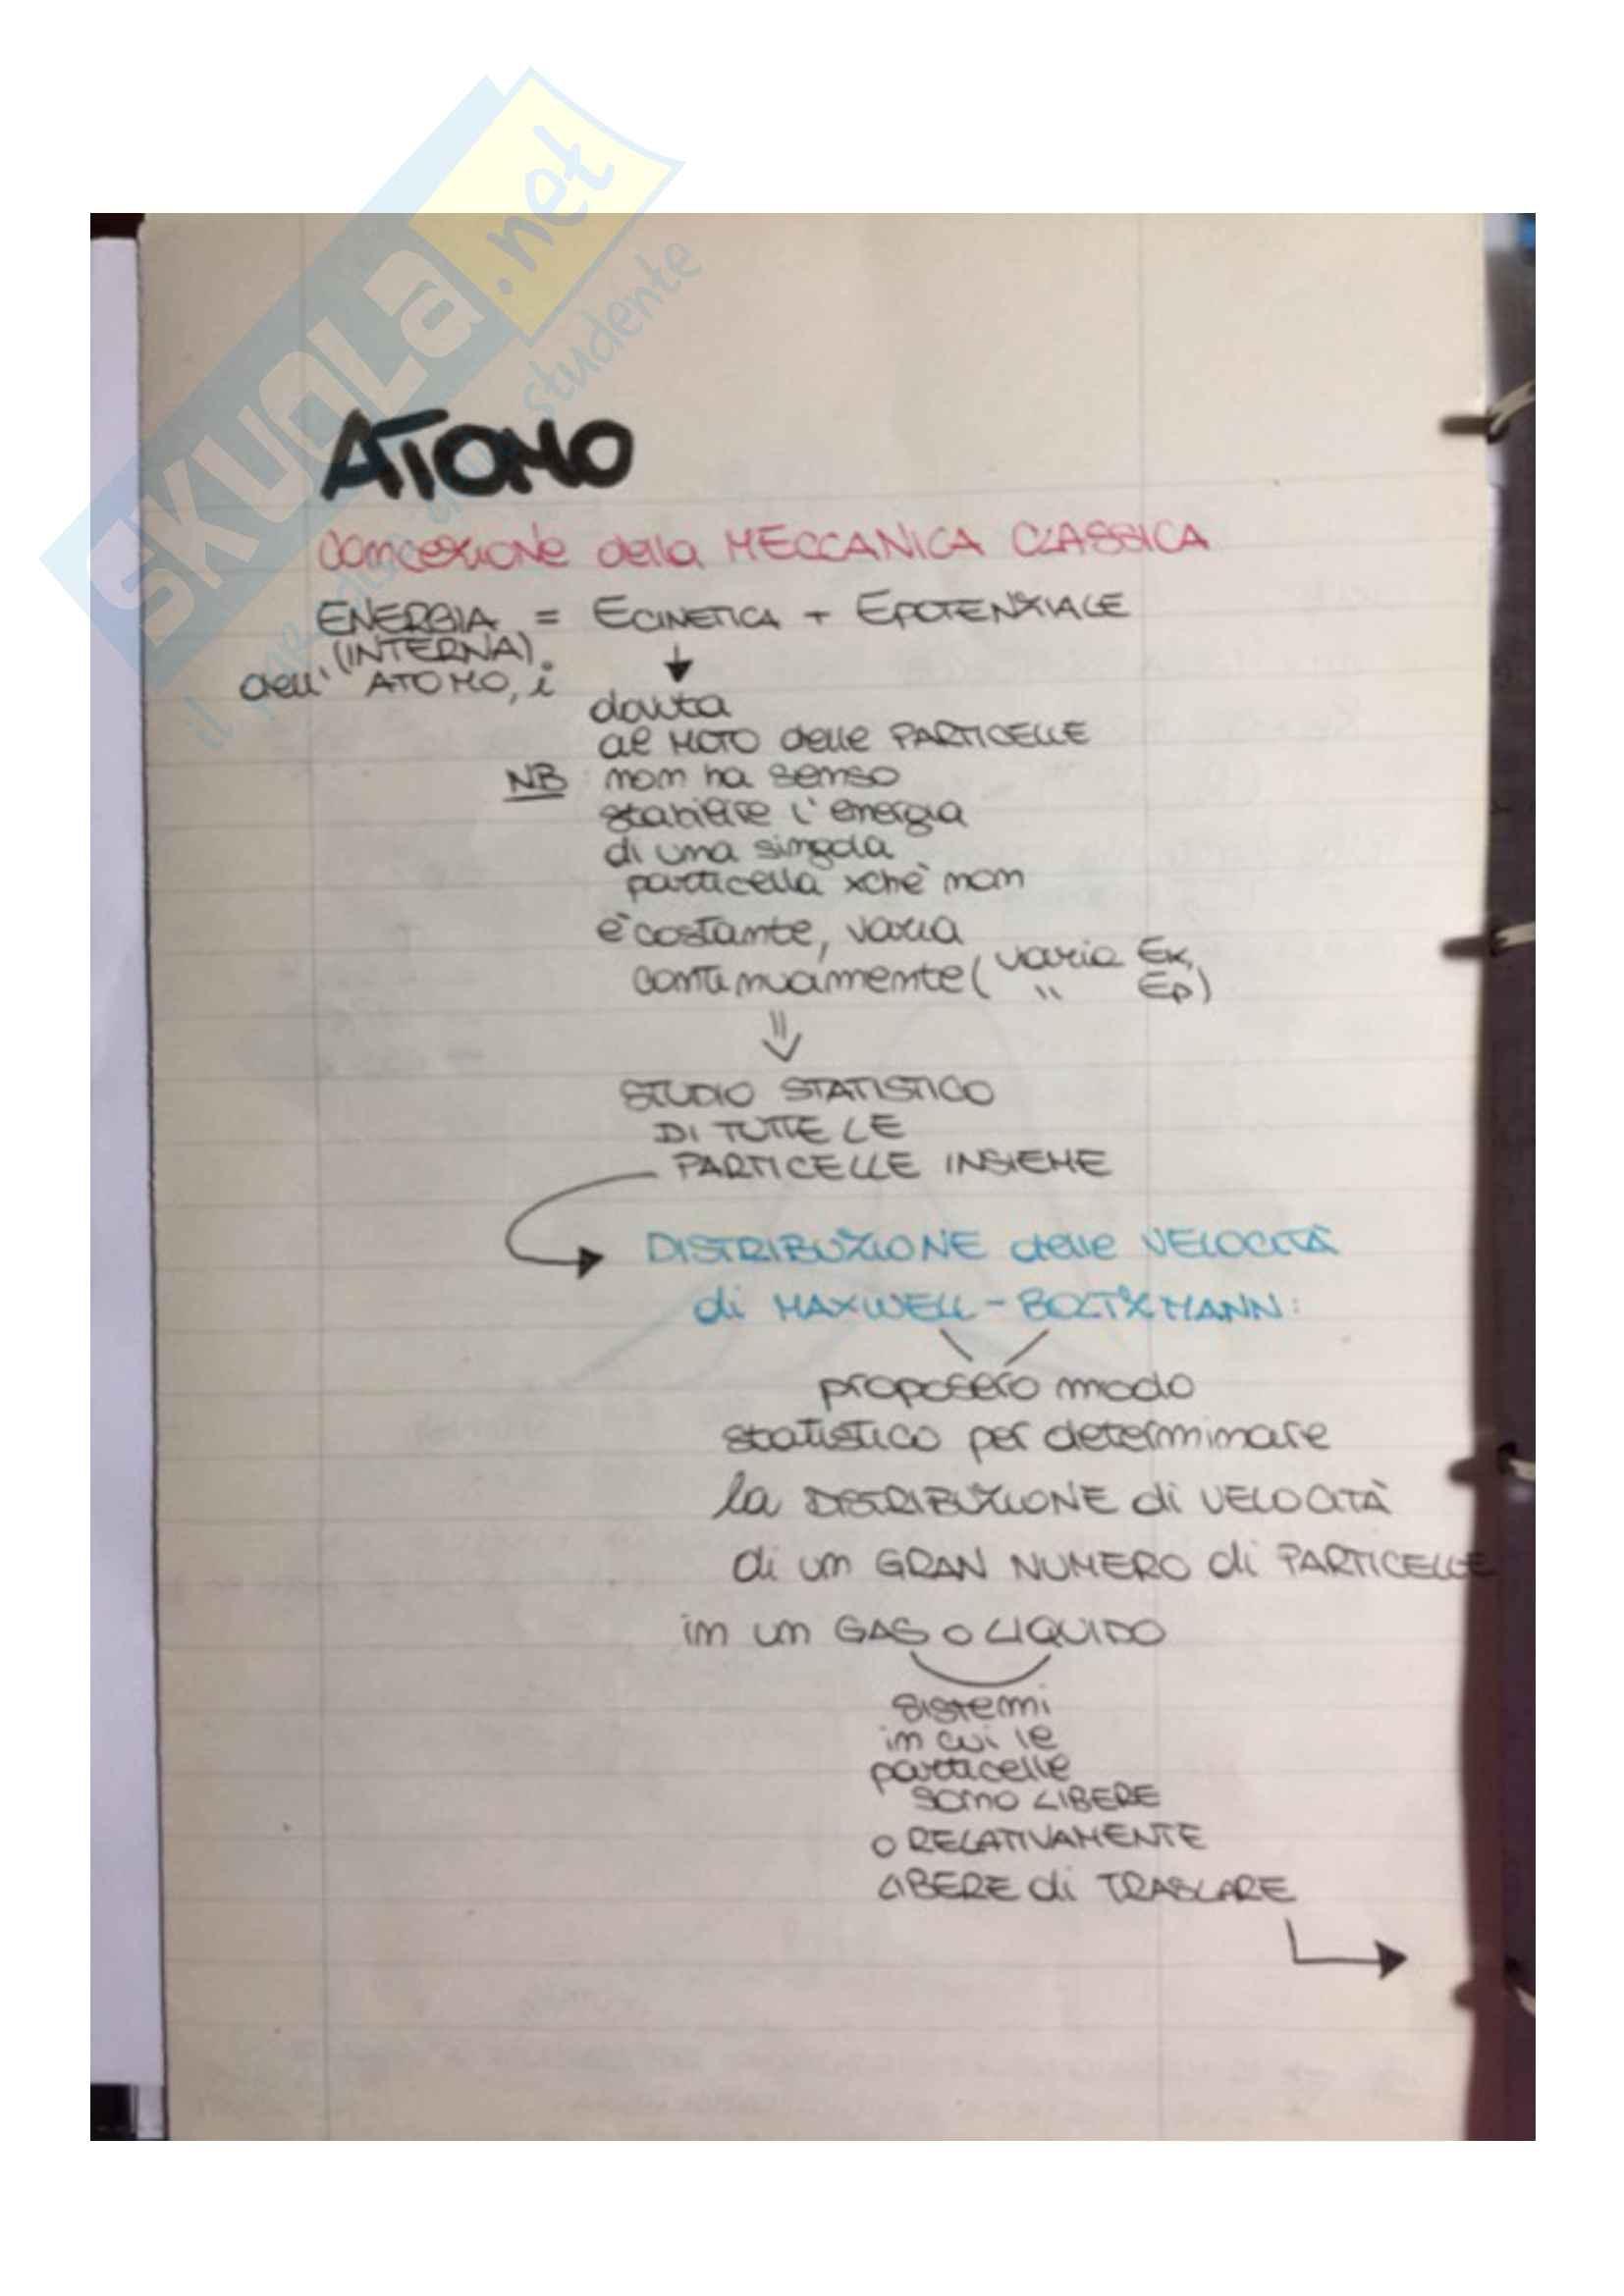 Atomo come strumento che evidenzia crisi della fisica classica: moto e energia di atomi e molecole